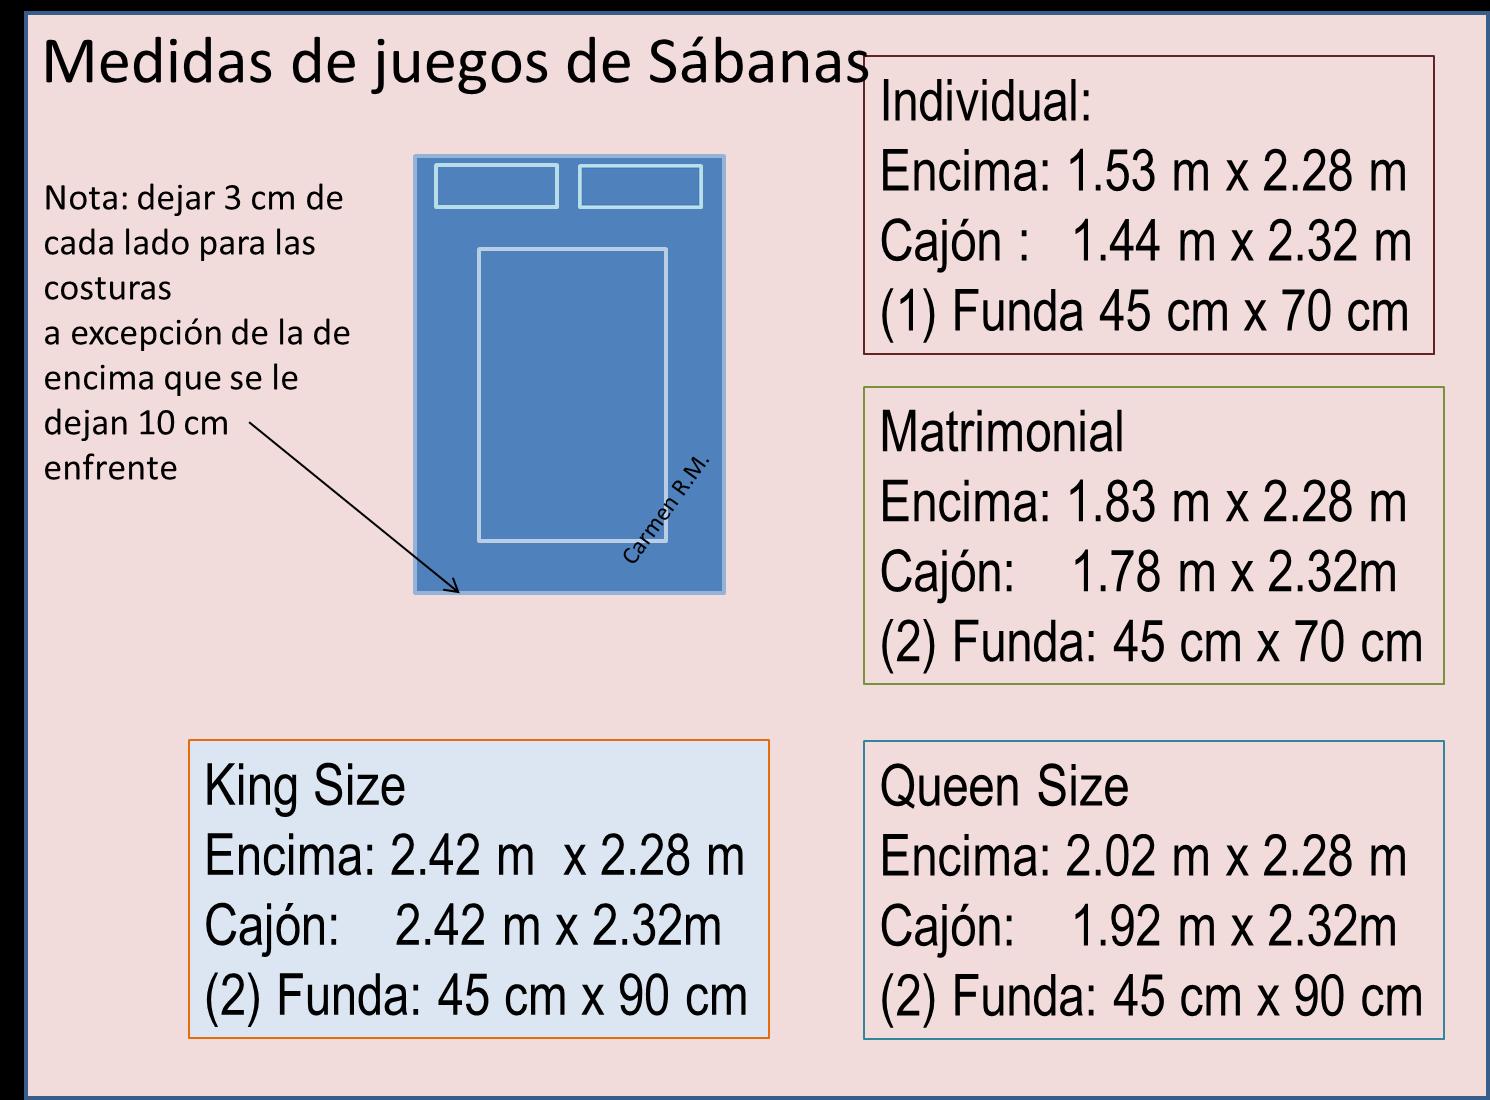 Manualidades recetas y algo m s medidas de juegos de s banas for Sabanas para cama king size precios